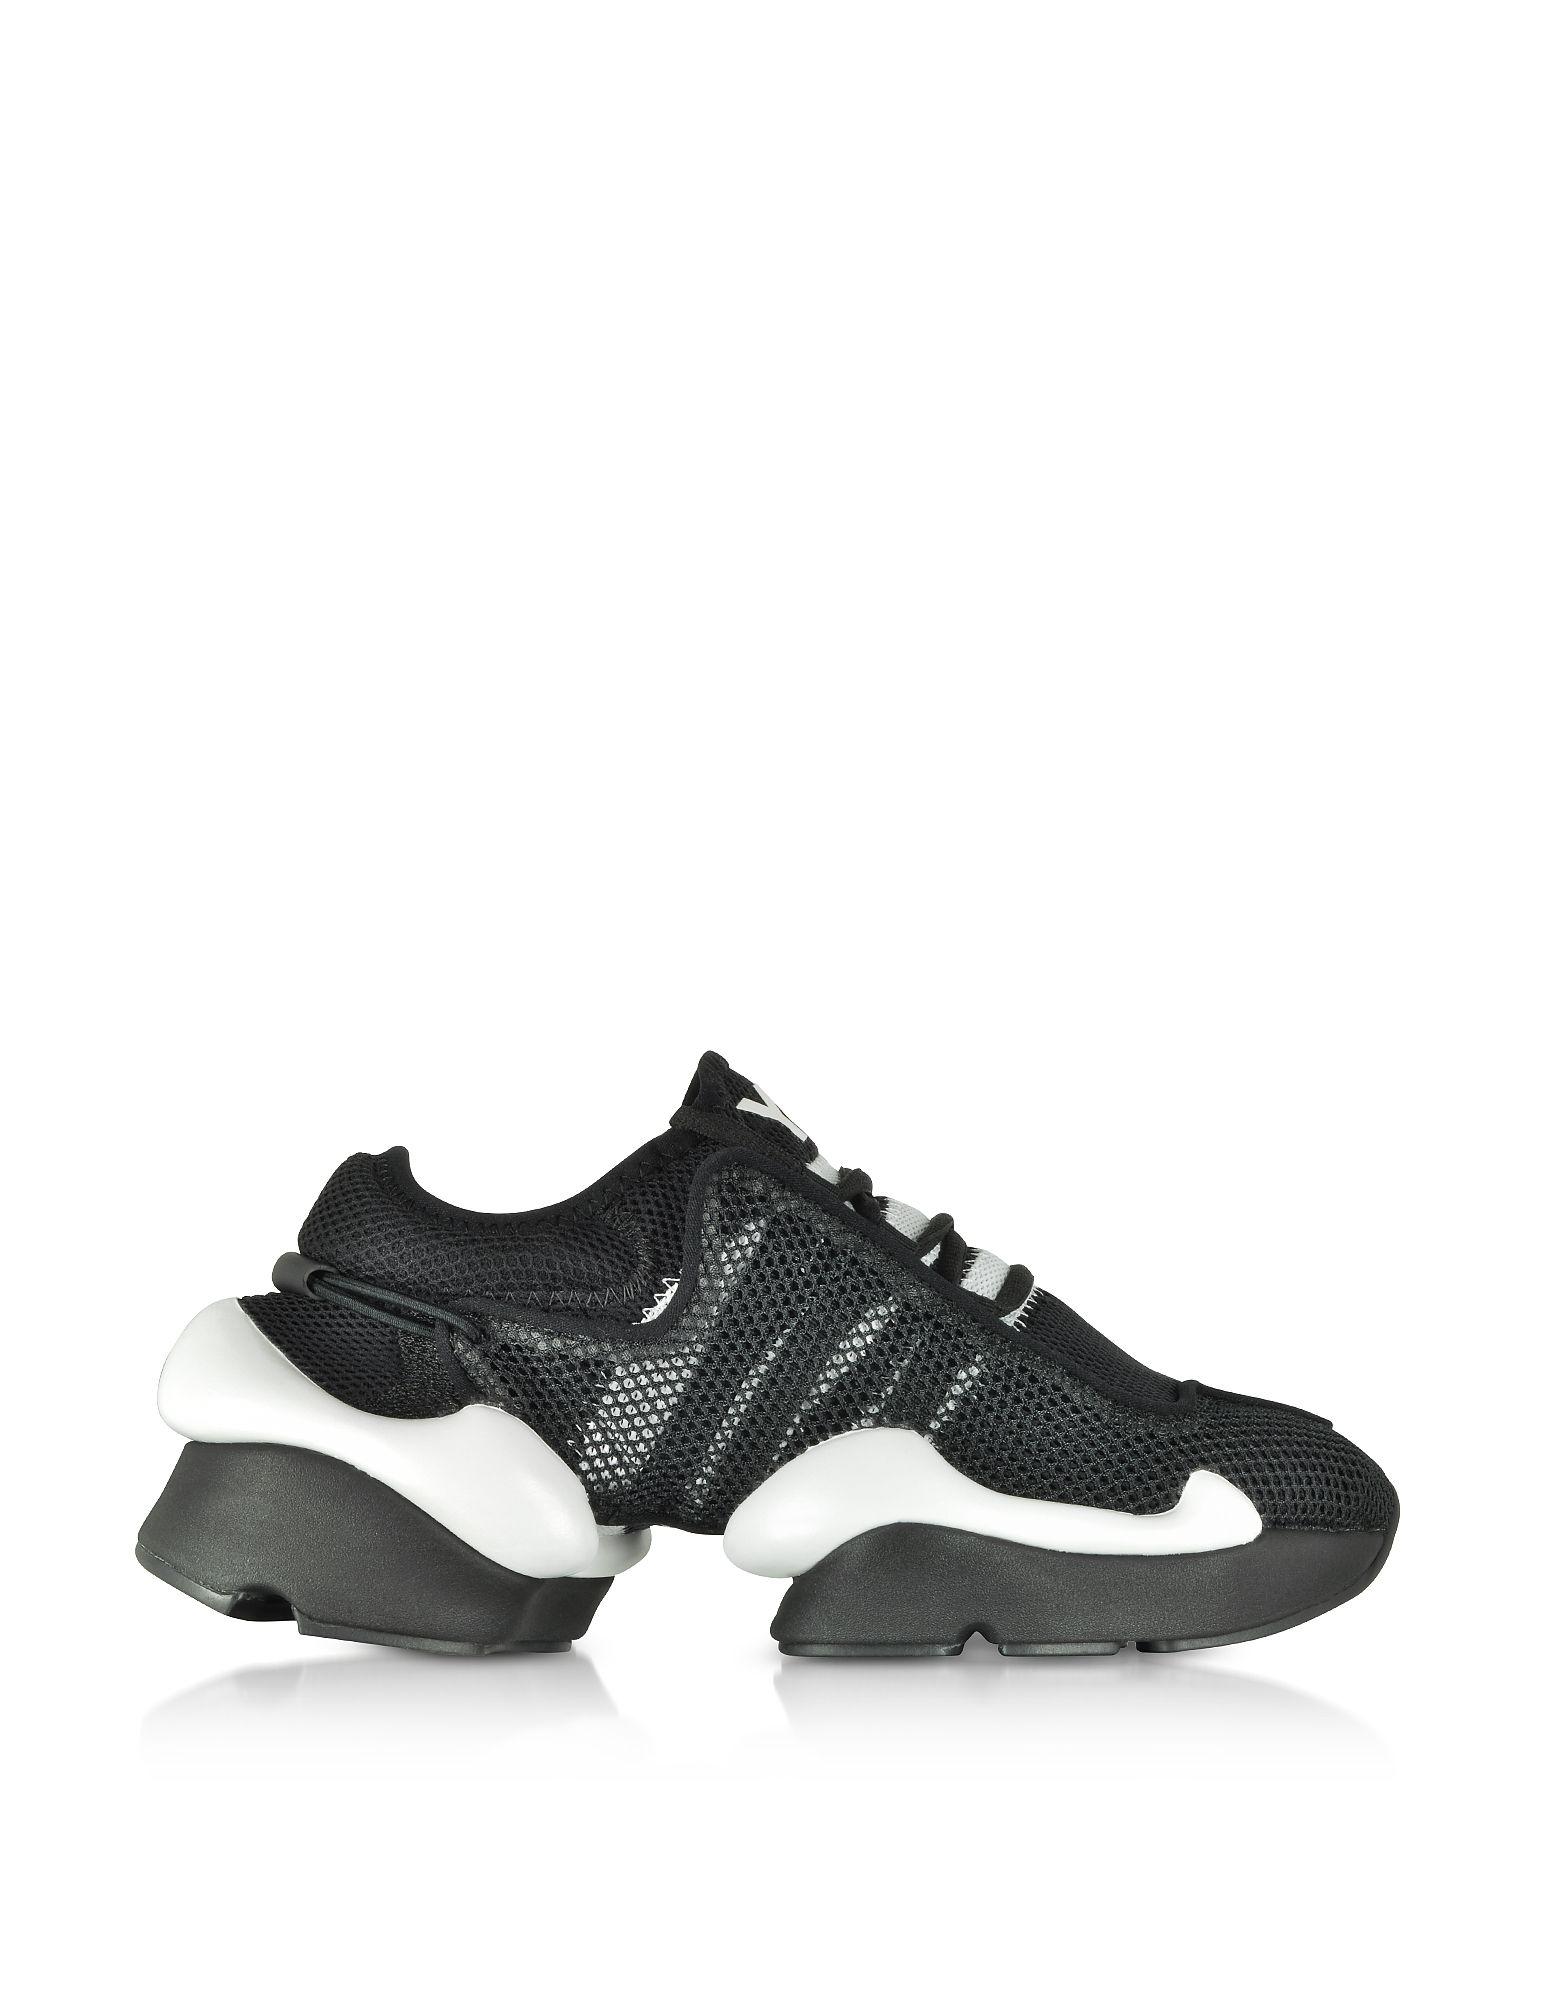 b13fe6de1 Y-3 BLACK RAITO RACER SNEAKERS.  y-3  shoes